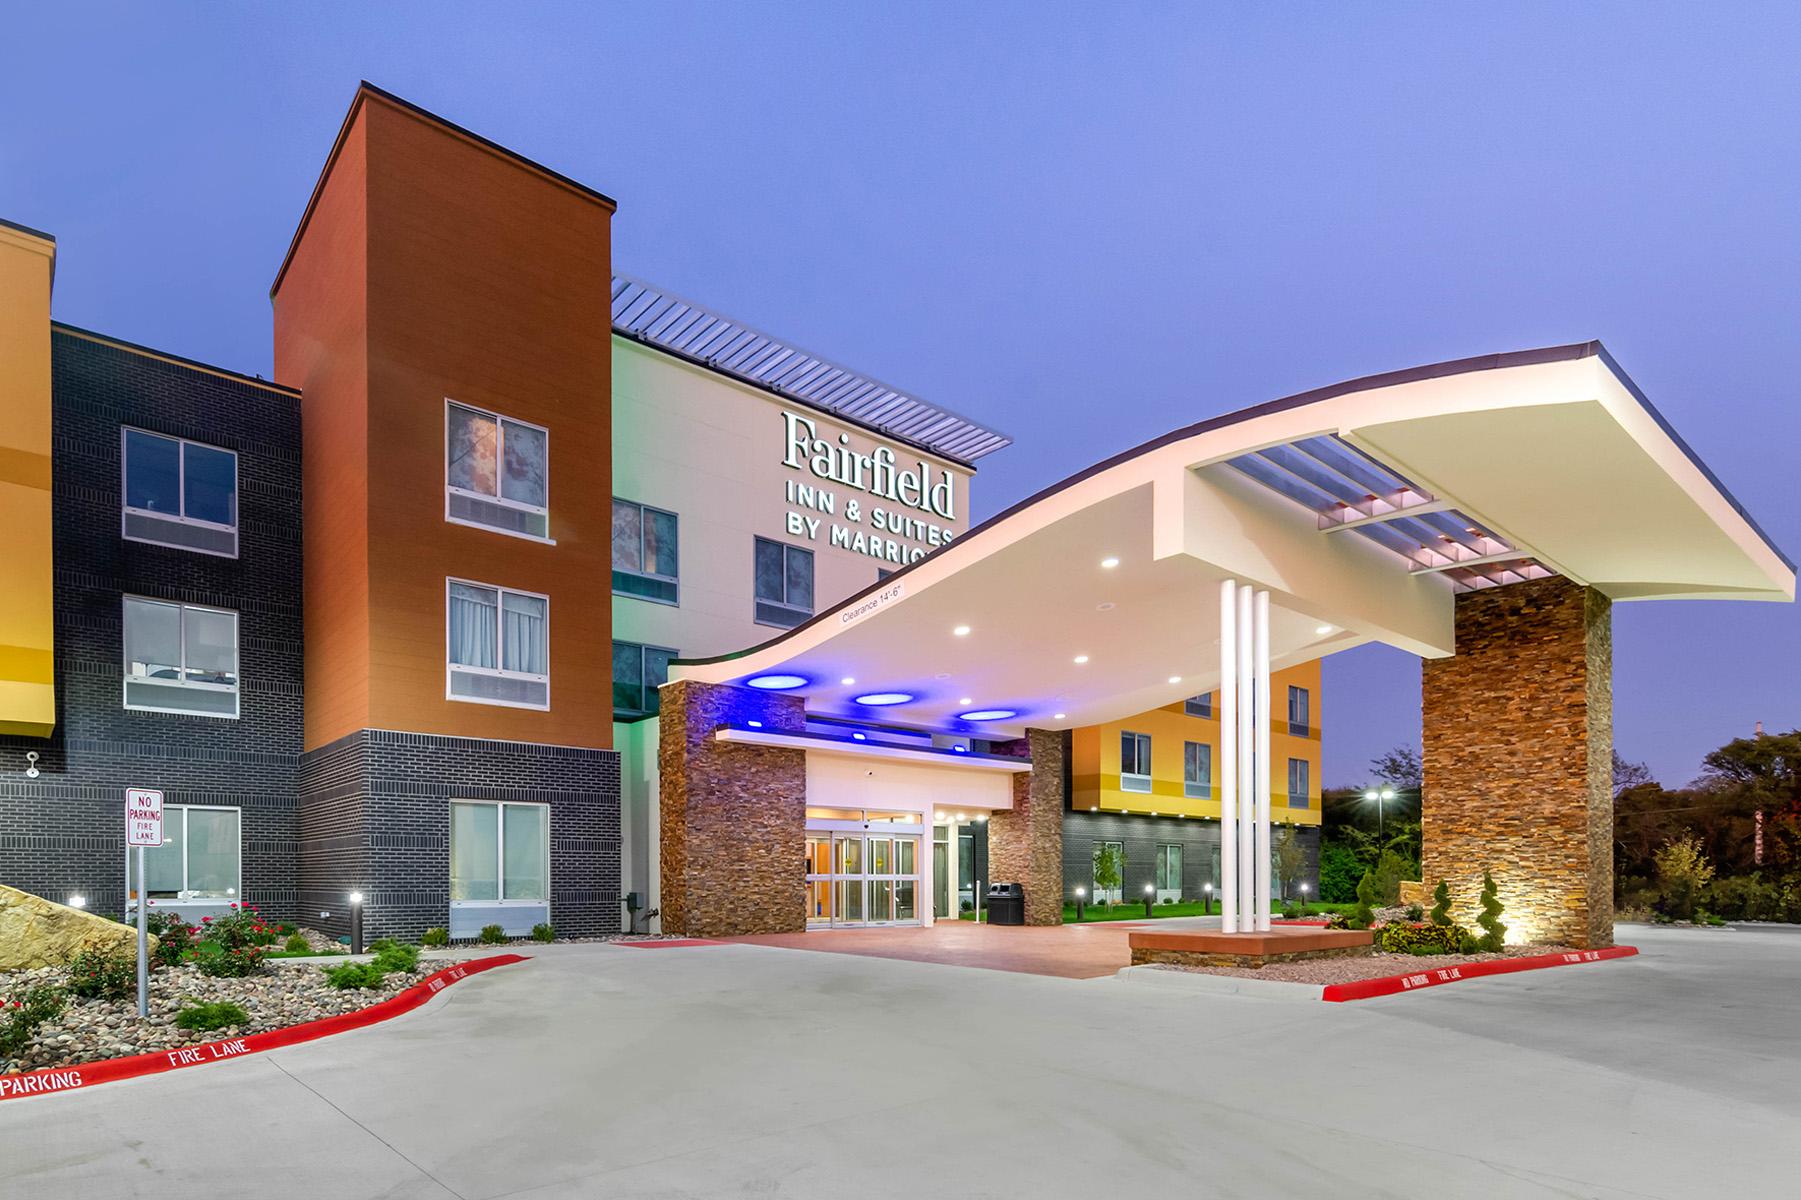 Fairfield Inn & Suites by Marriott Exterior at Dusk